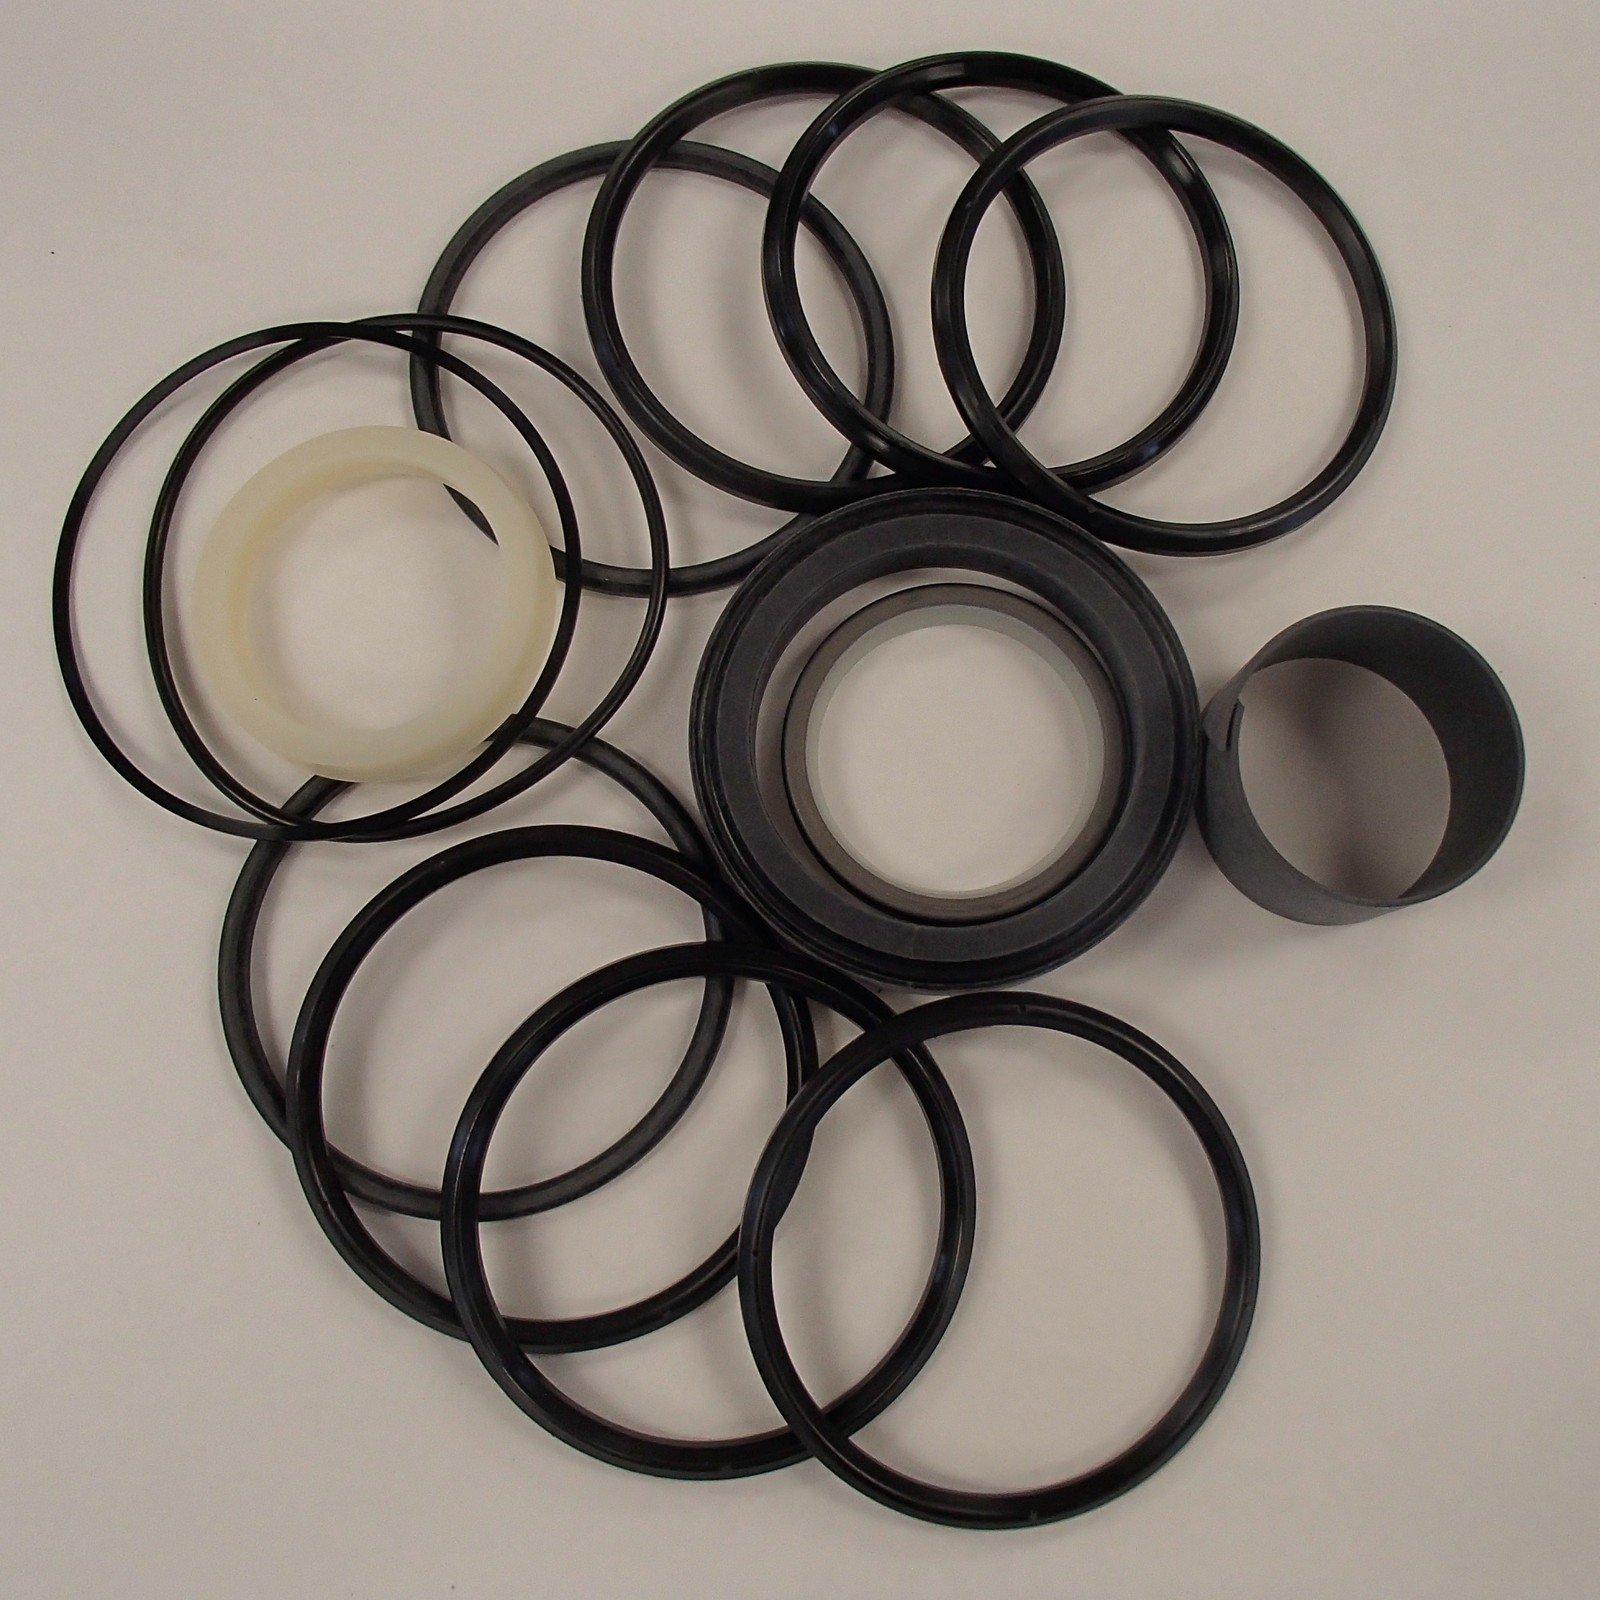 G34827 Backhoe Boom Cylinder Seal Kit Fits Case 680E